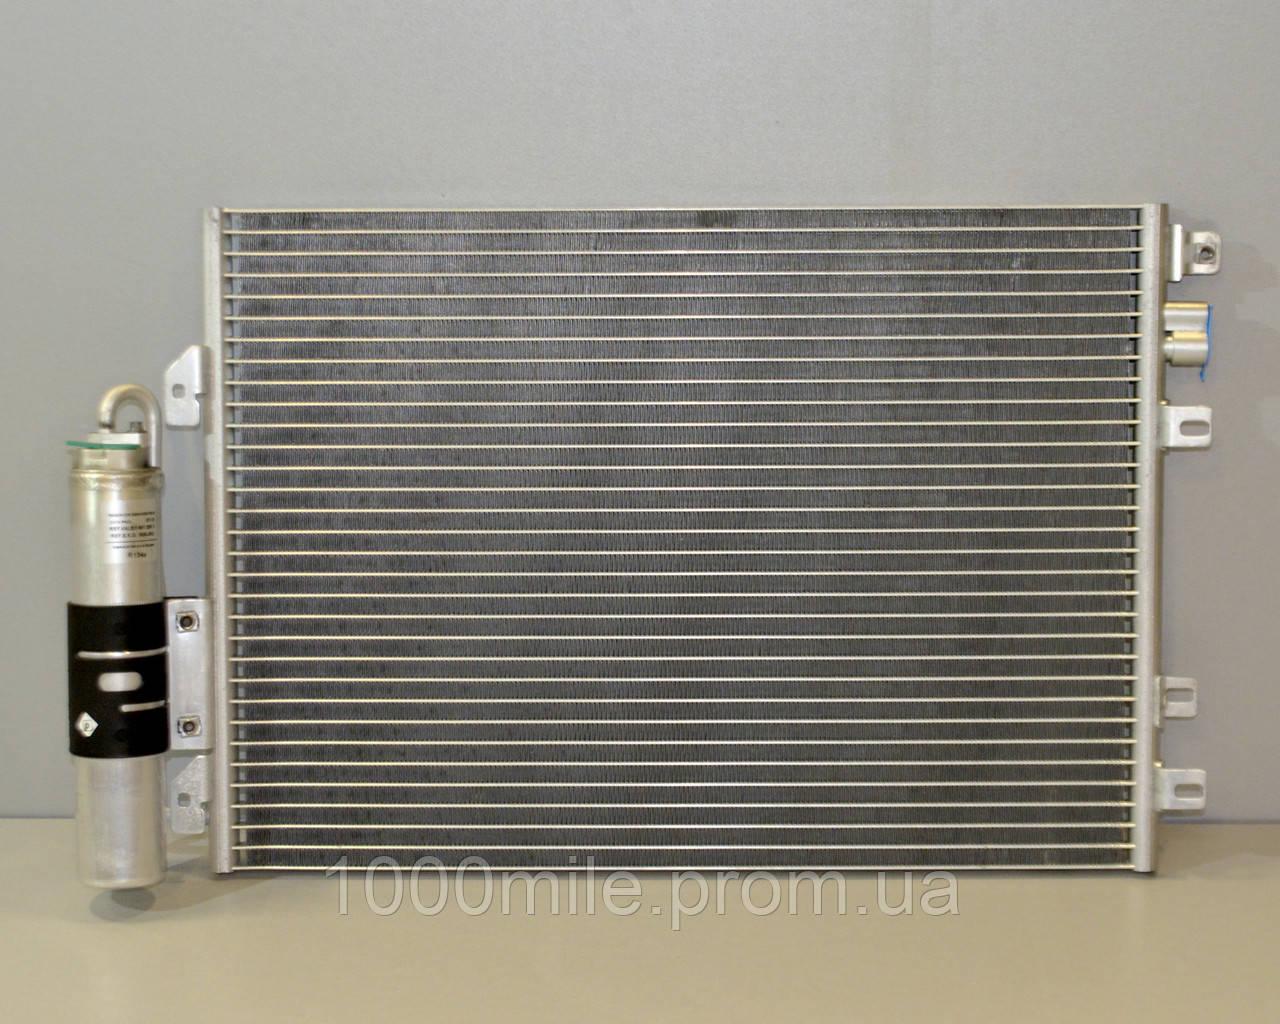 Радиатор кондиционера на Renault Kangoo 97->08 1.5dCi+1.2+1.4+1.6+1.9 — Renault(Оригинал) - 8200708130